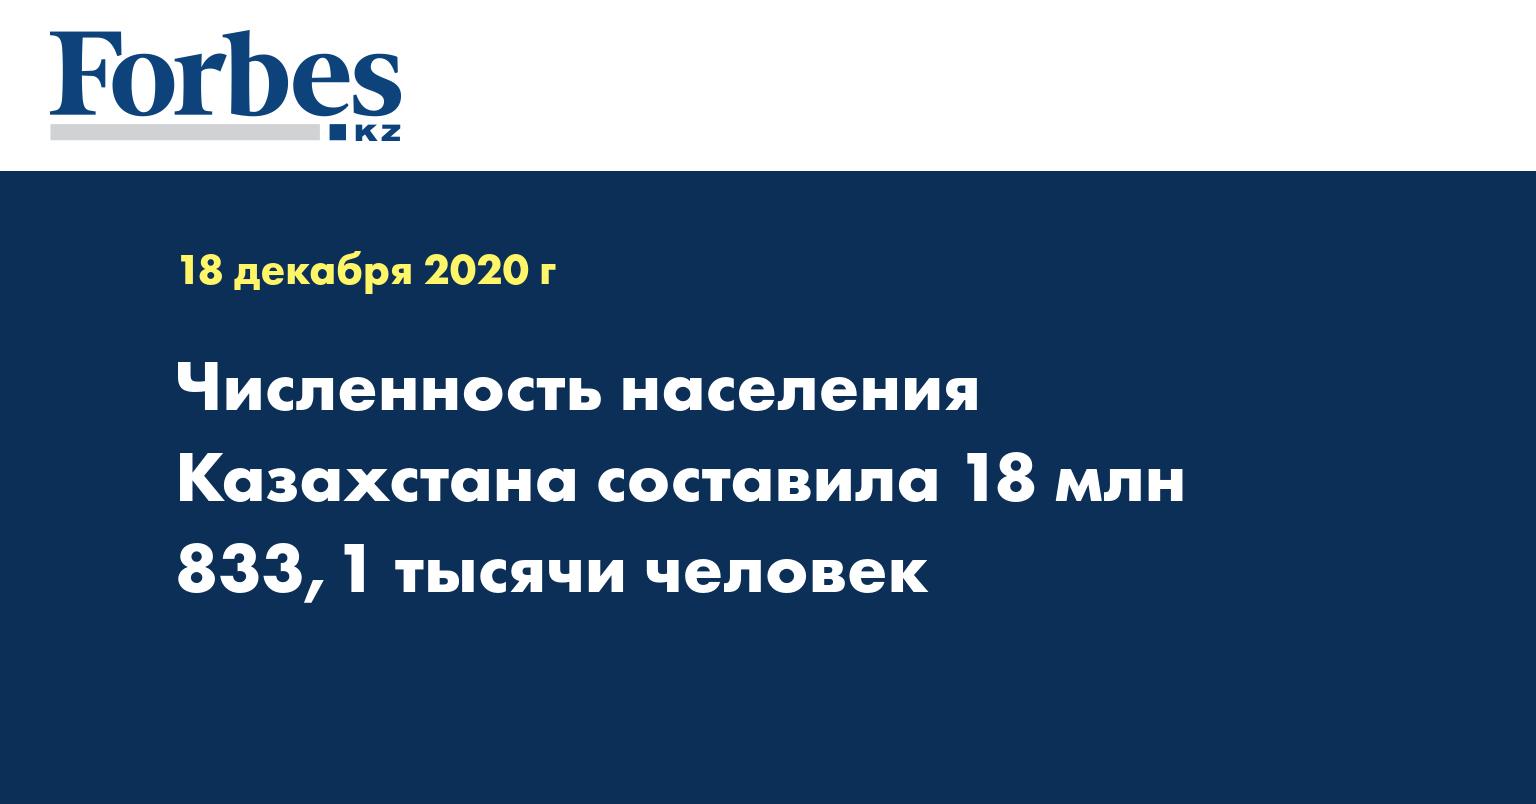 Численность населения Казахстана составила 18 млн 833,1 тысячи человек